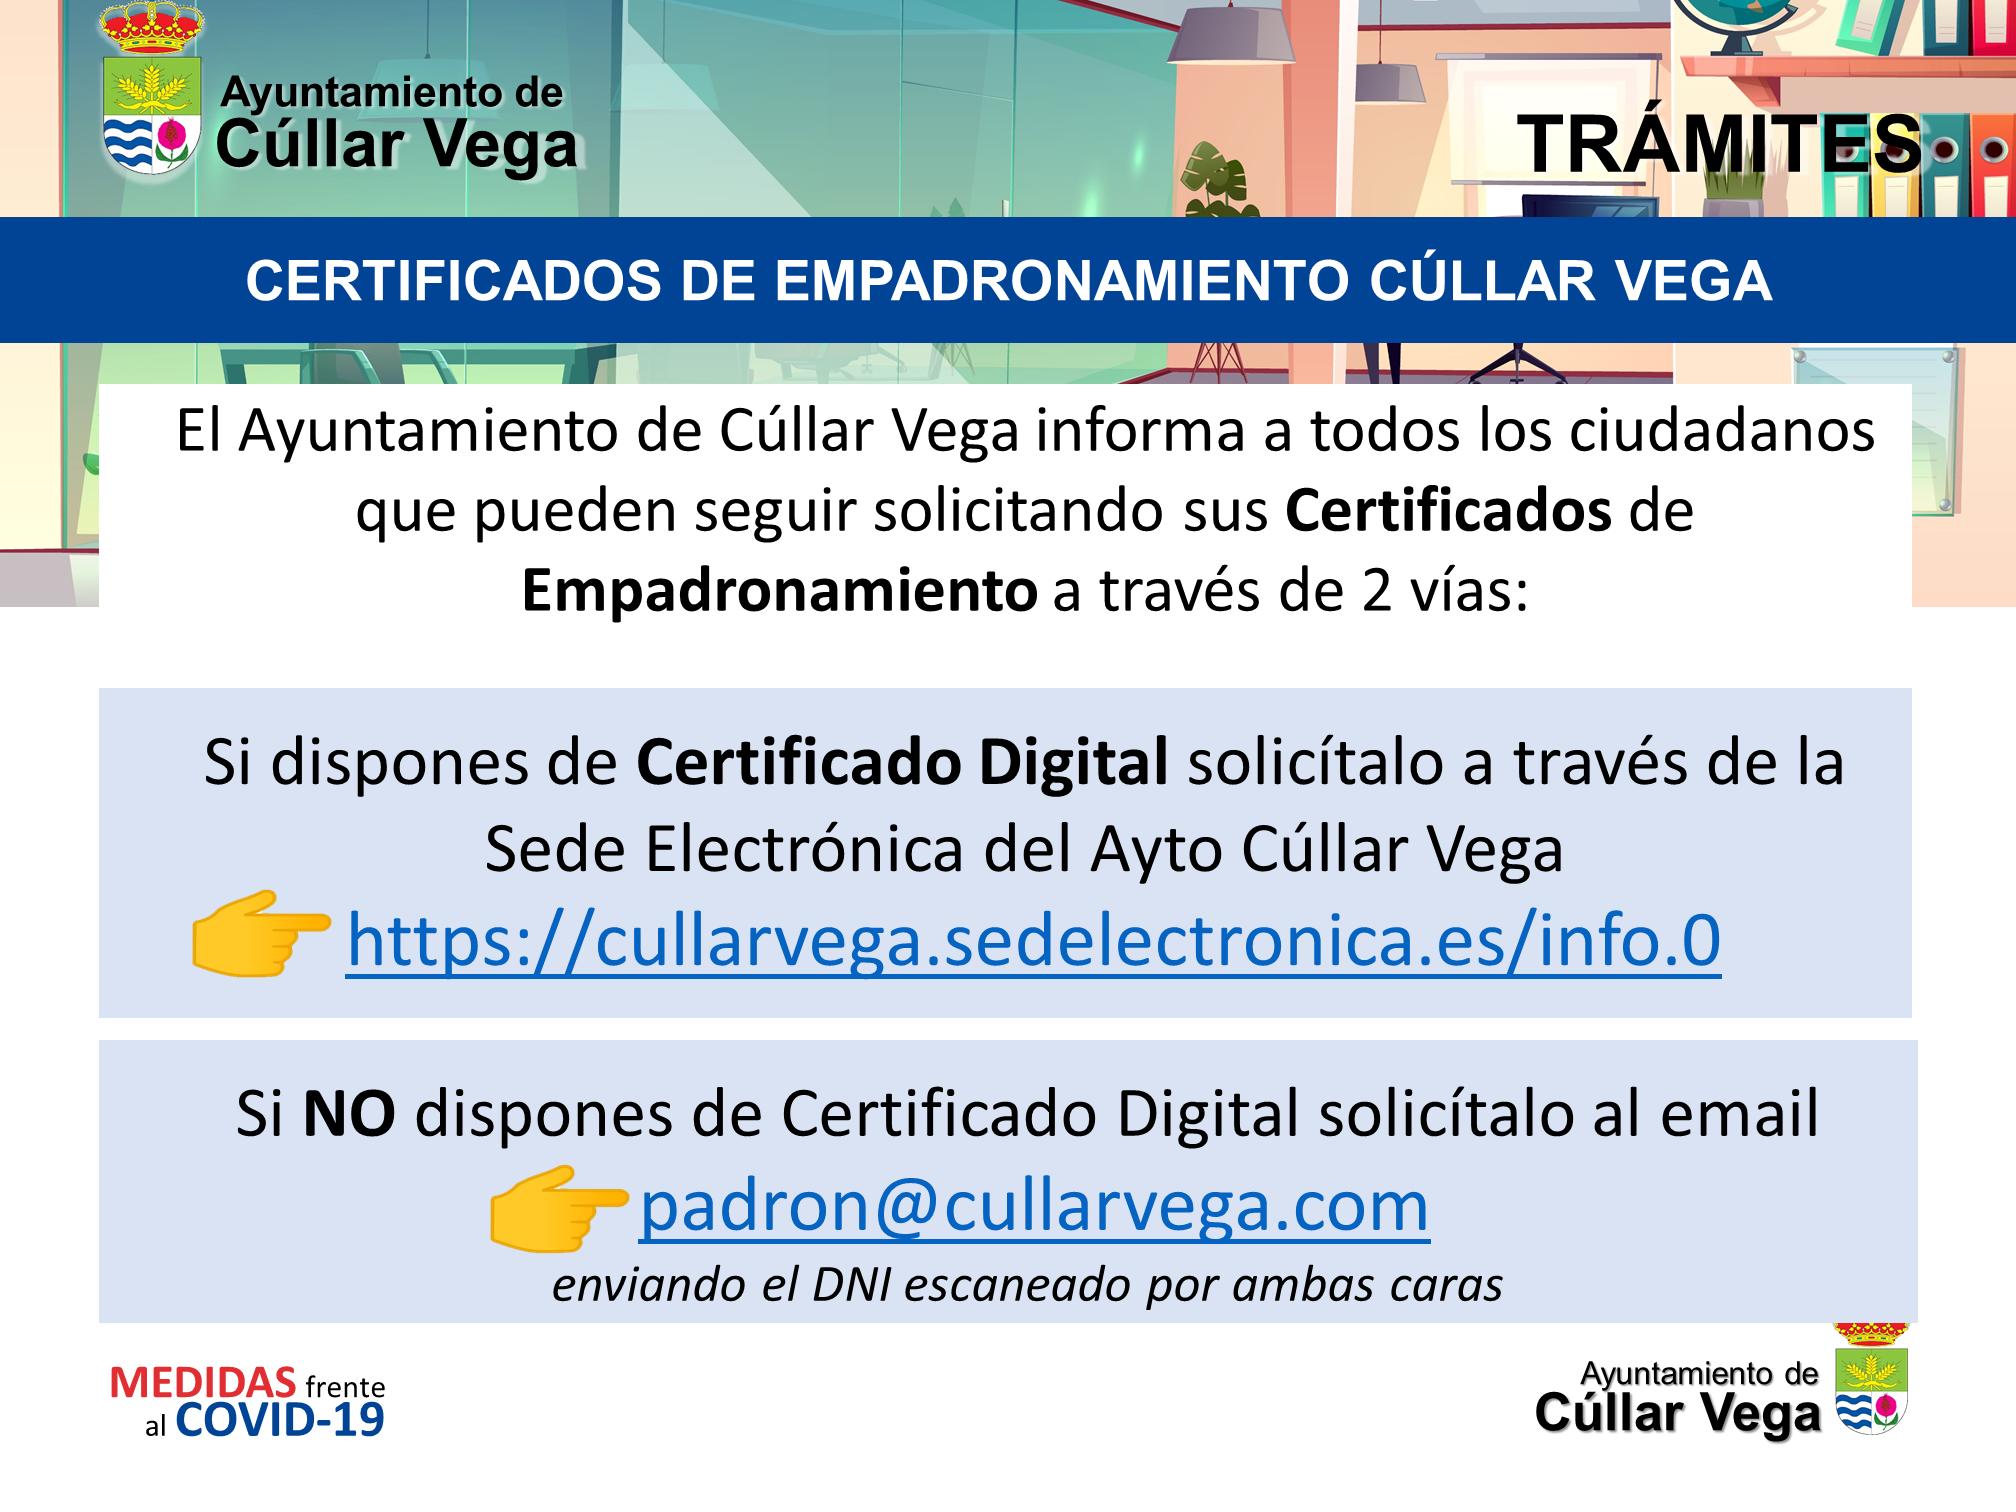 Procedimientos para solicitar Certificados de Empadronamiento en Cúllar Vega